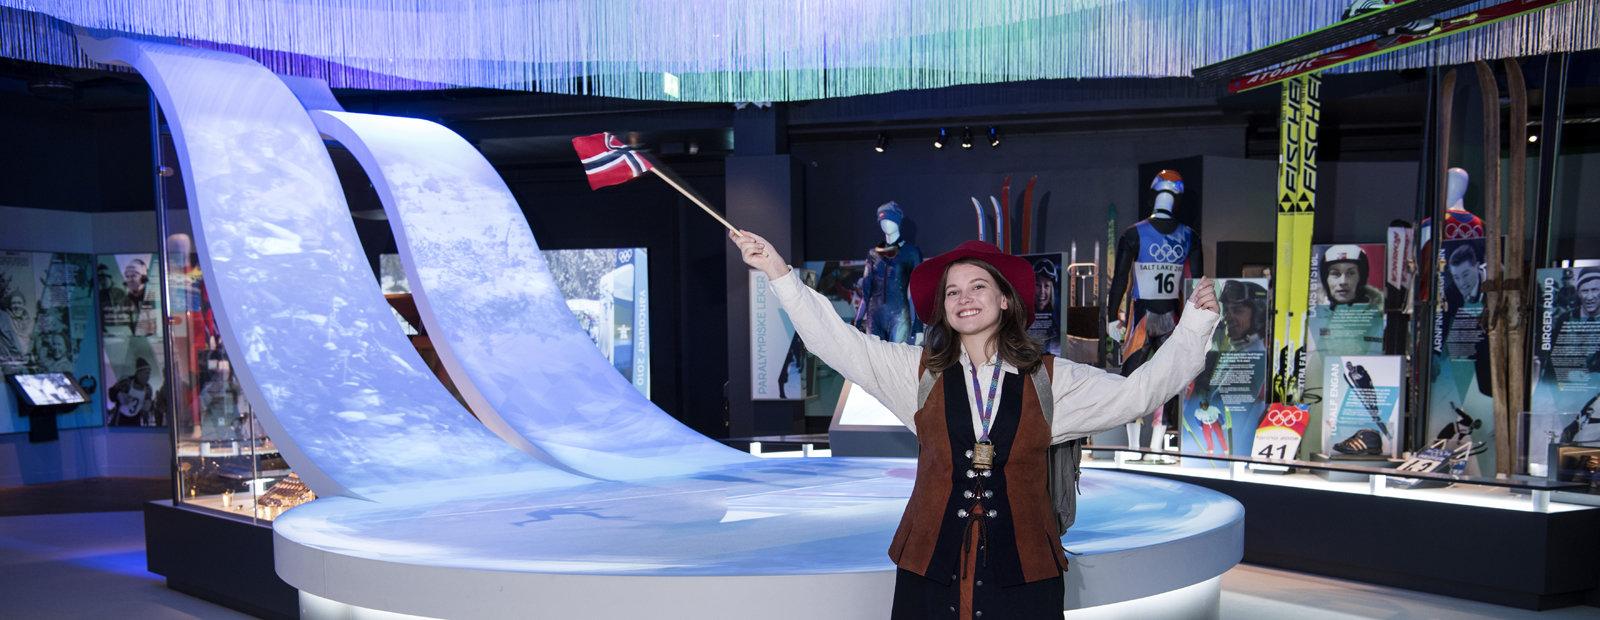 Dame kledd i ullkjole og med norsk flagg i hånda, sekk på ryggen og kubjelle rundt halsen.